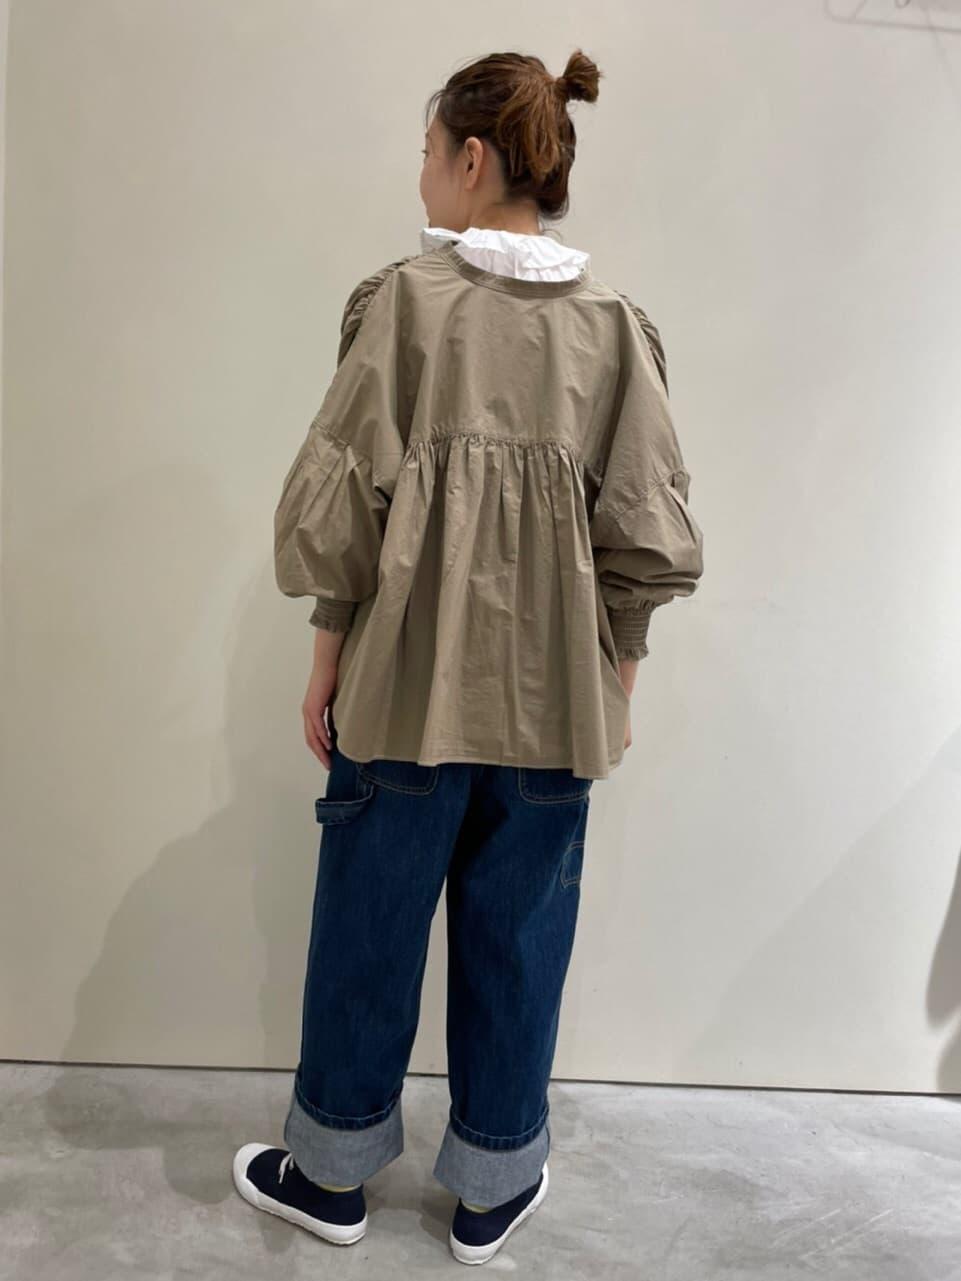 - CHILD WOMAN CHILD WOMAN , PAR ICI 新宿ミロード 身長:159cm 2021.09.08